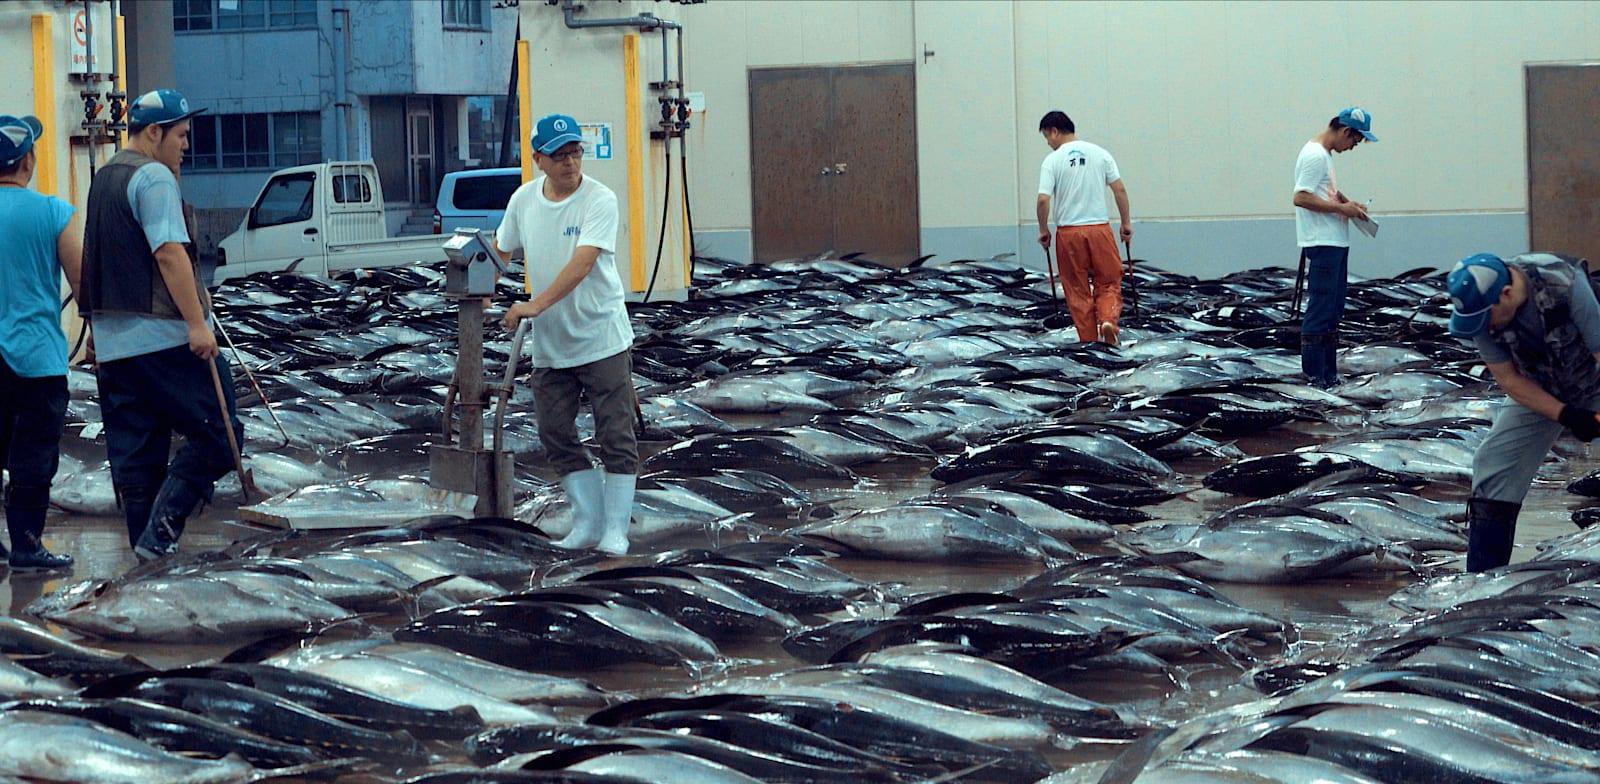 ציד בלתי מבוקר של דגי טונה ביפן / צילום: נטפליקס